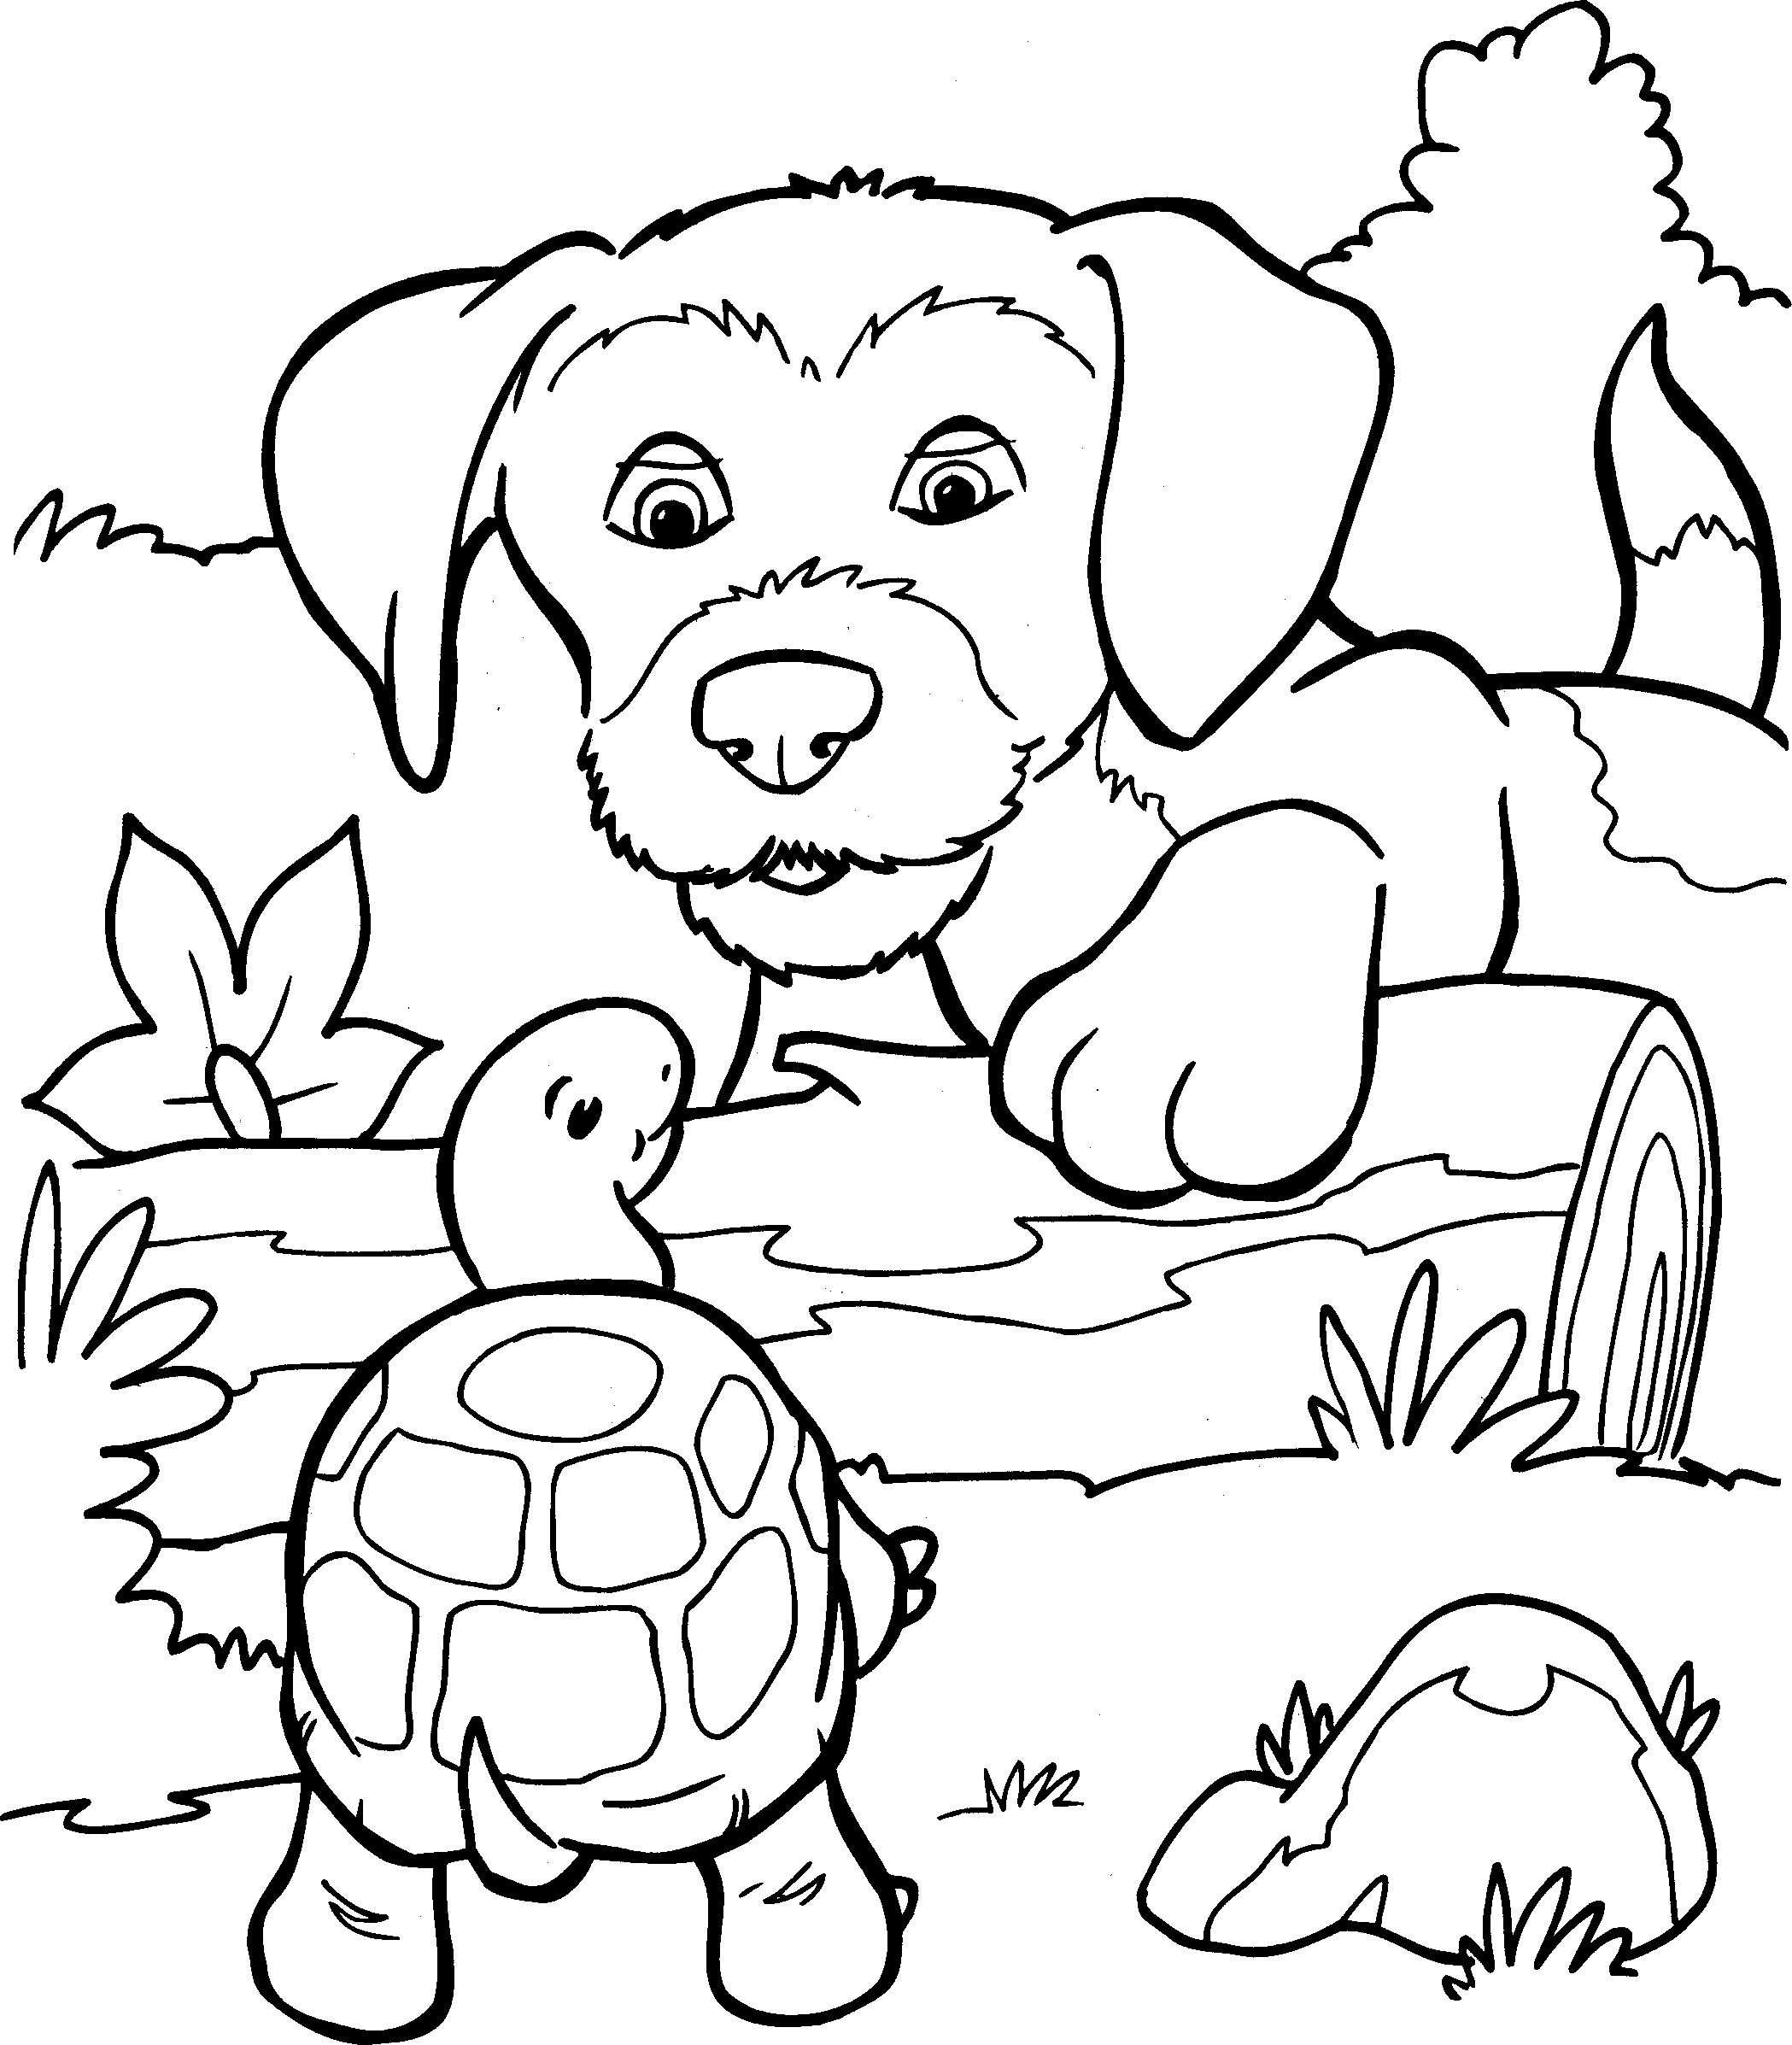 kleurplaat dieren hond